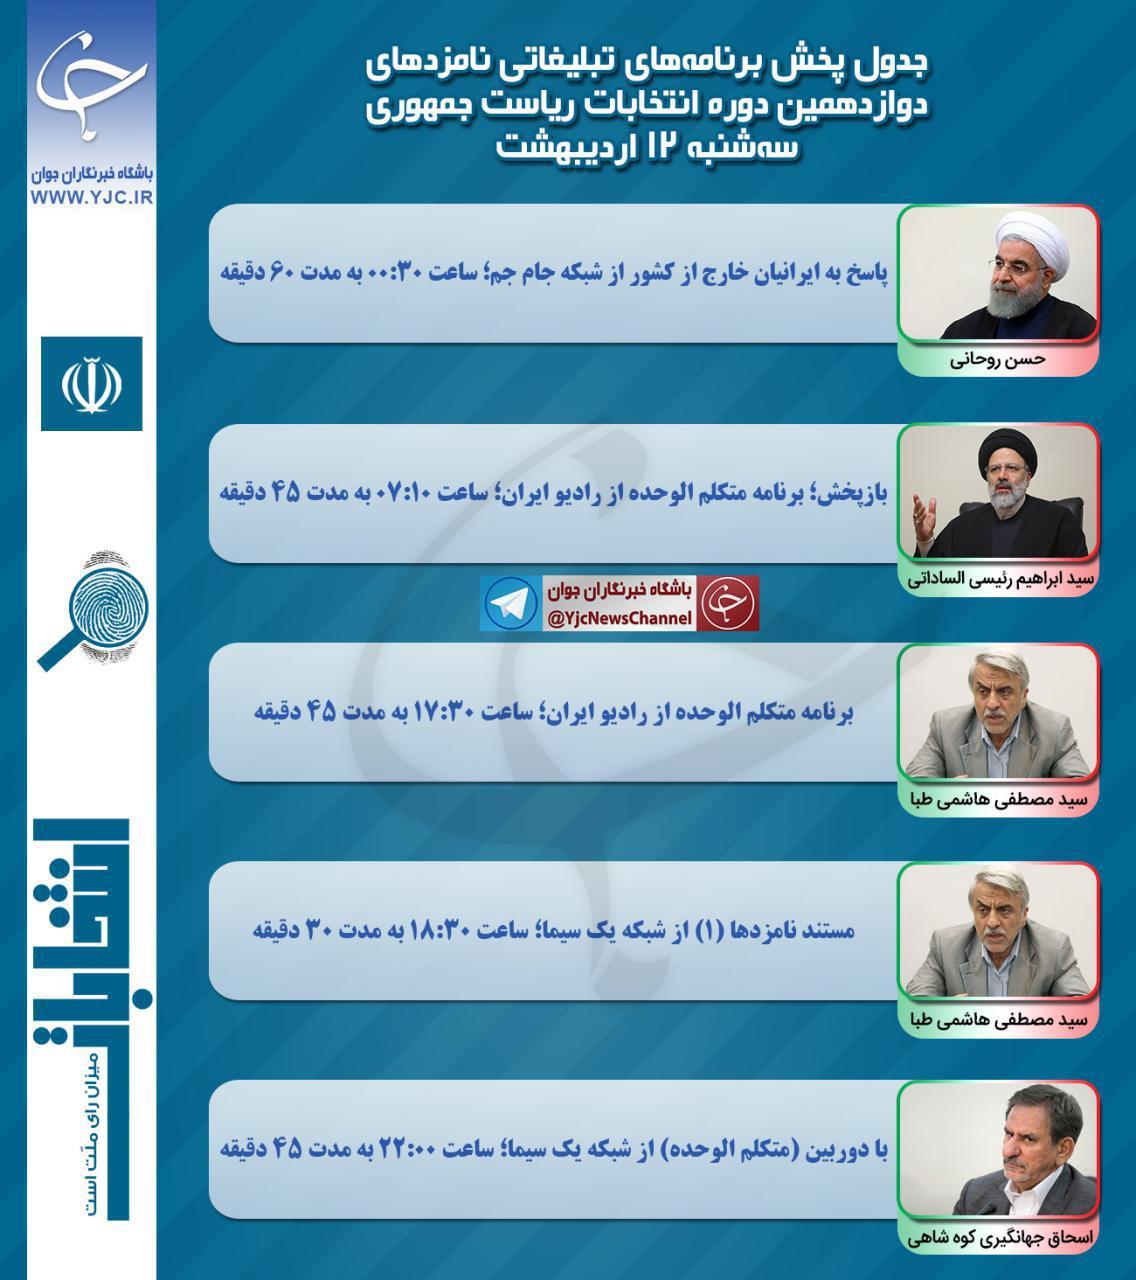 برنامههای امروز (۱۲ اردیبهشت) نامزدهای ریاست جمهوری در صداوسیما